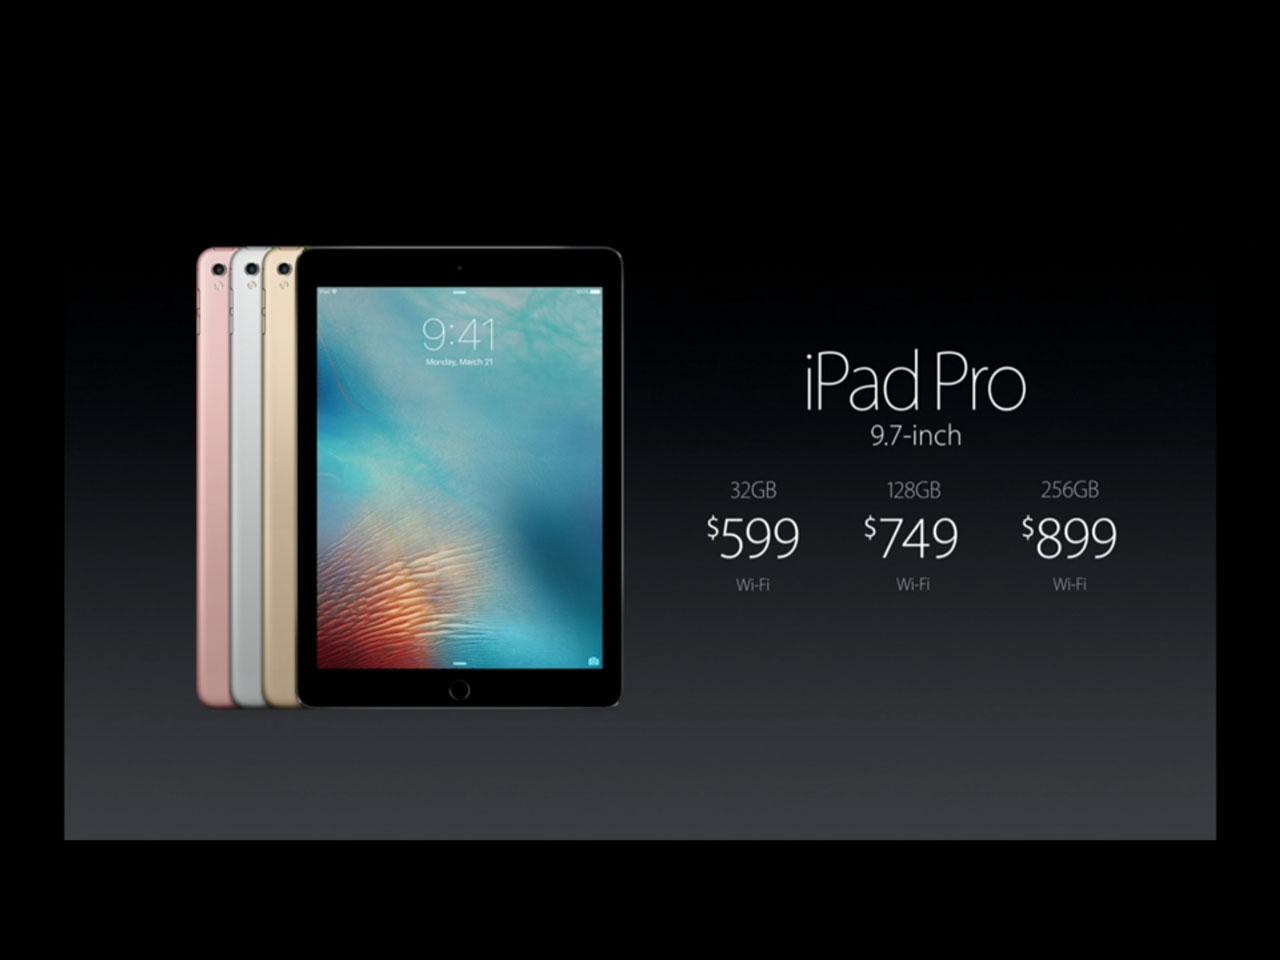 ipad-pro-9-7-price